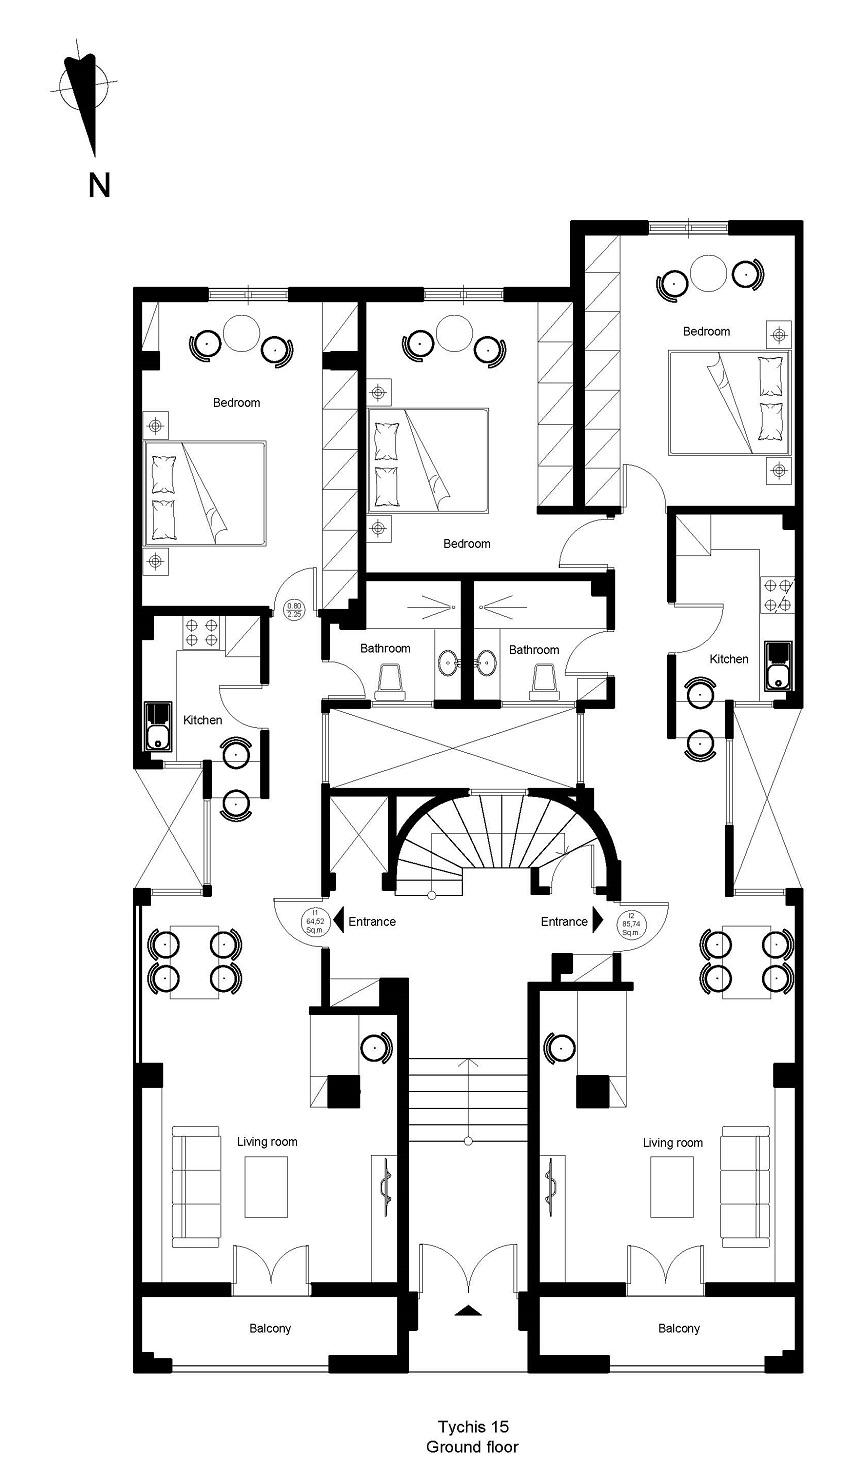 Tichis 15 ground floor plan